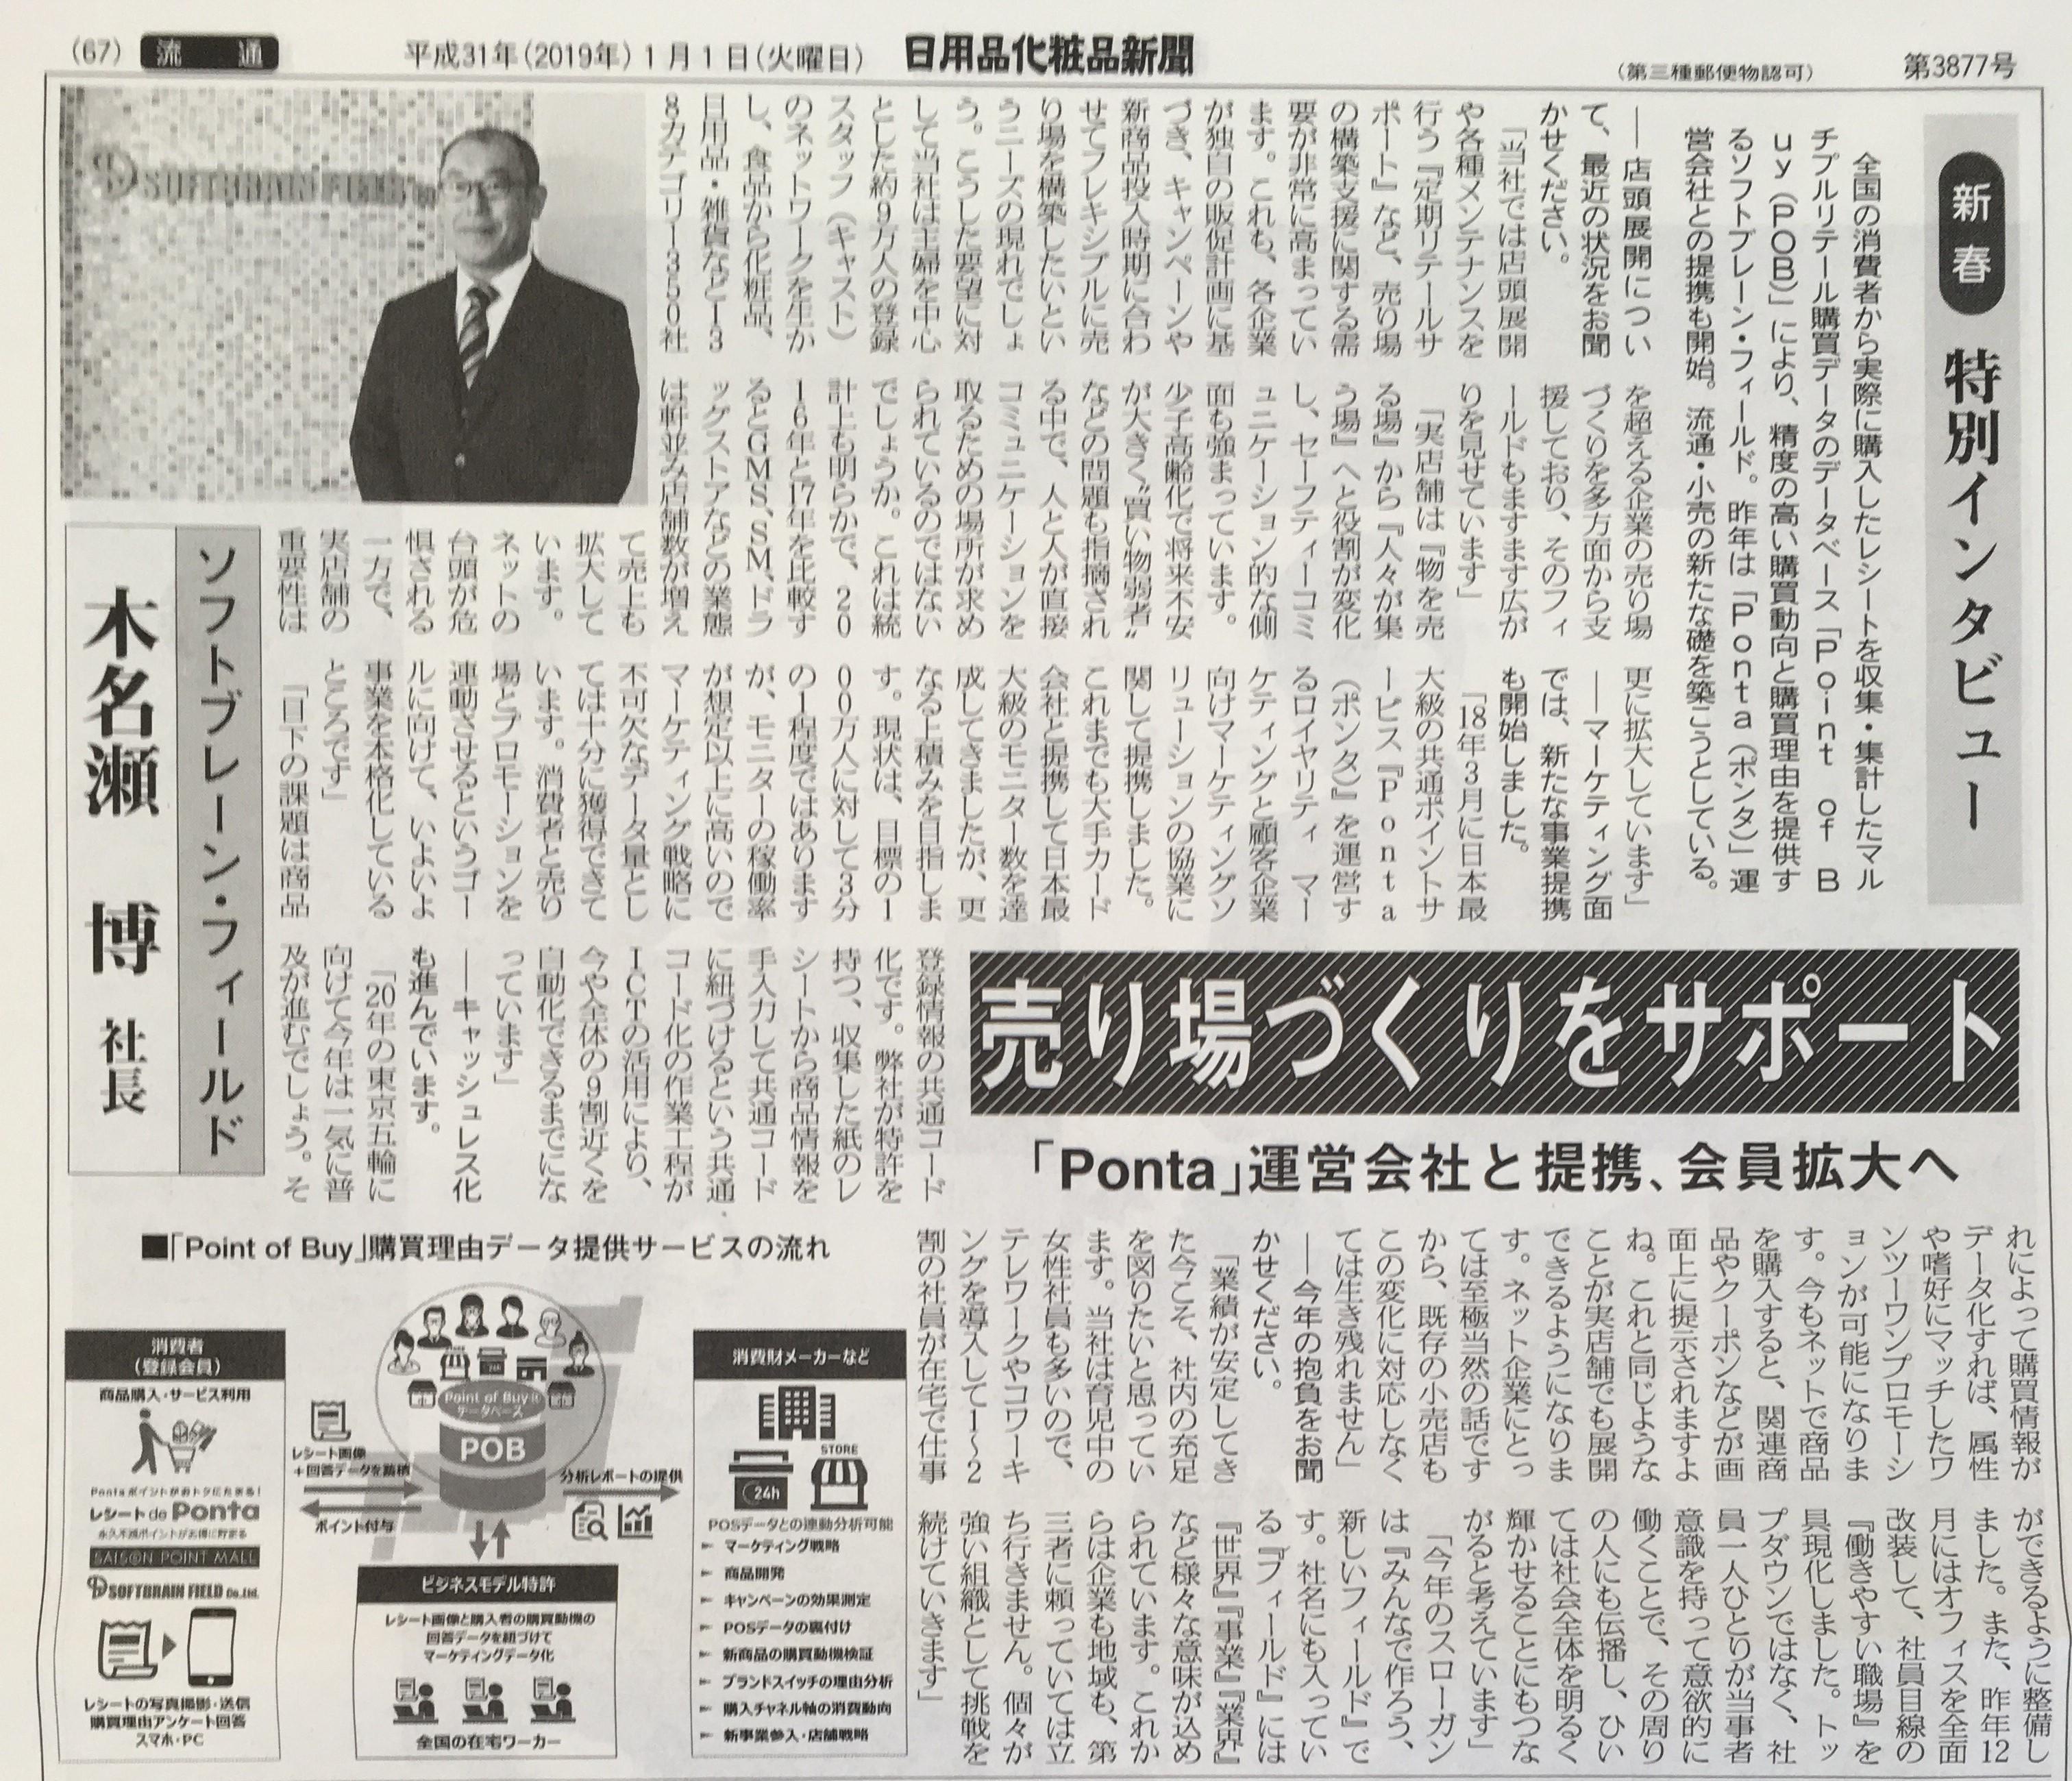 『日用品化粧品新聞』2019年新春特別号(1/1発行)に弊社代表 木名瀬のインタビューが掲載されました